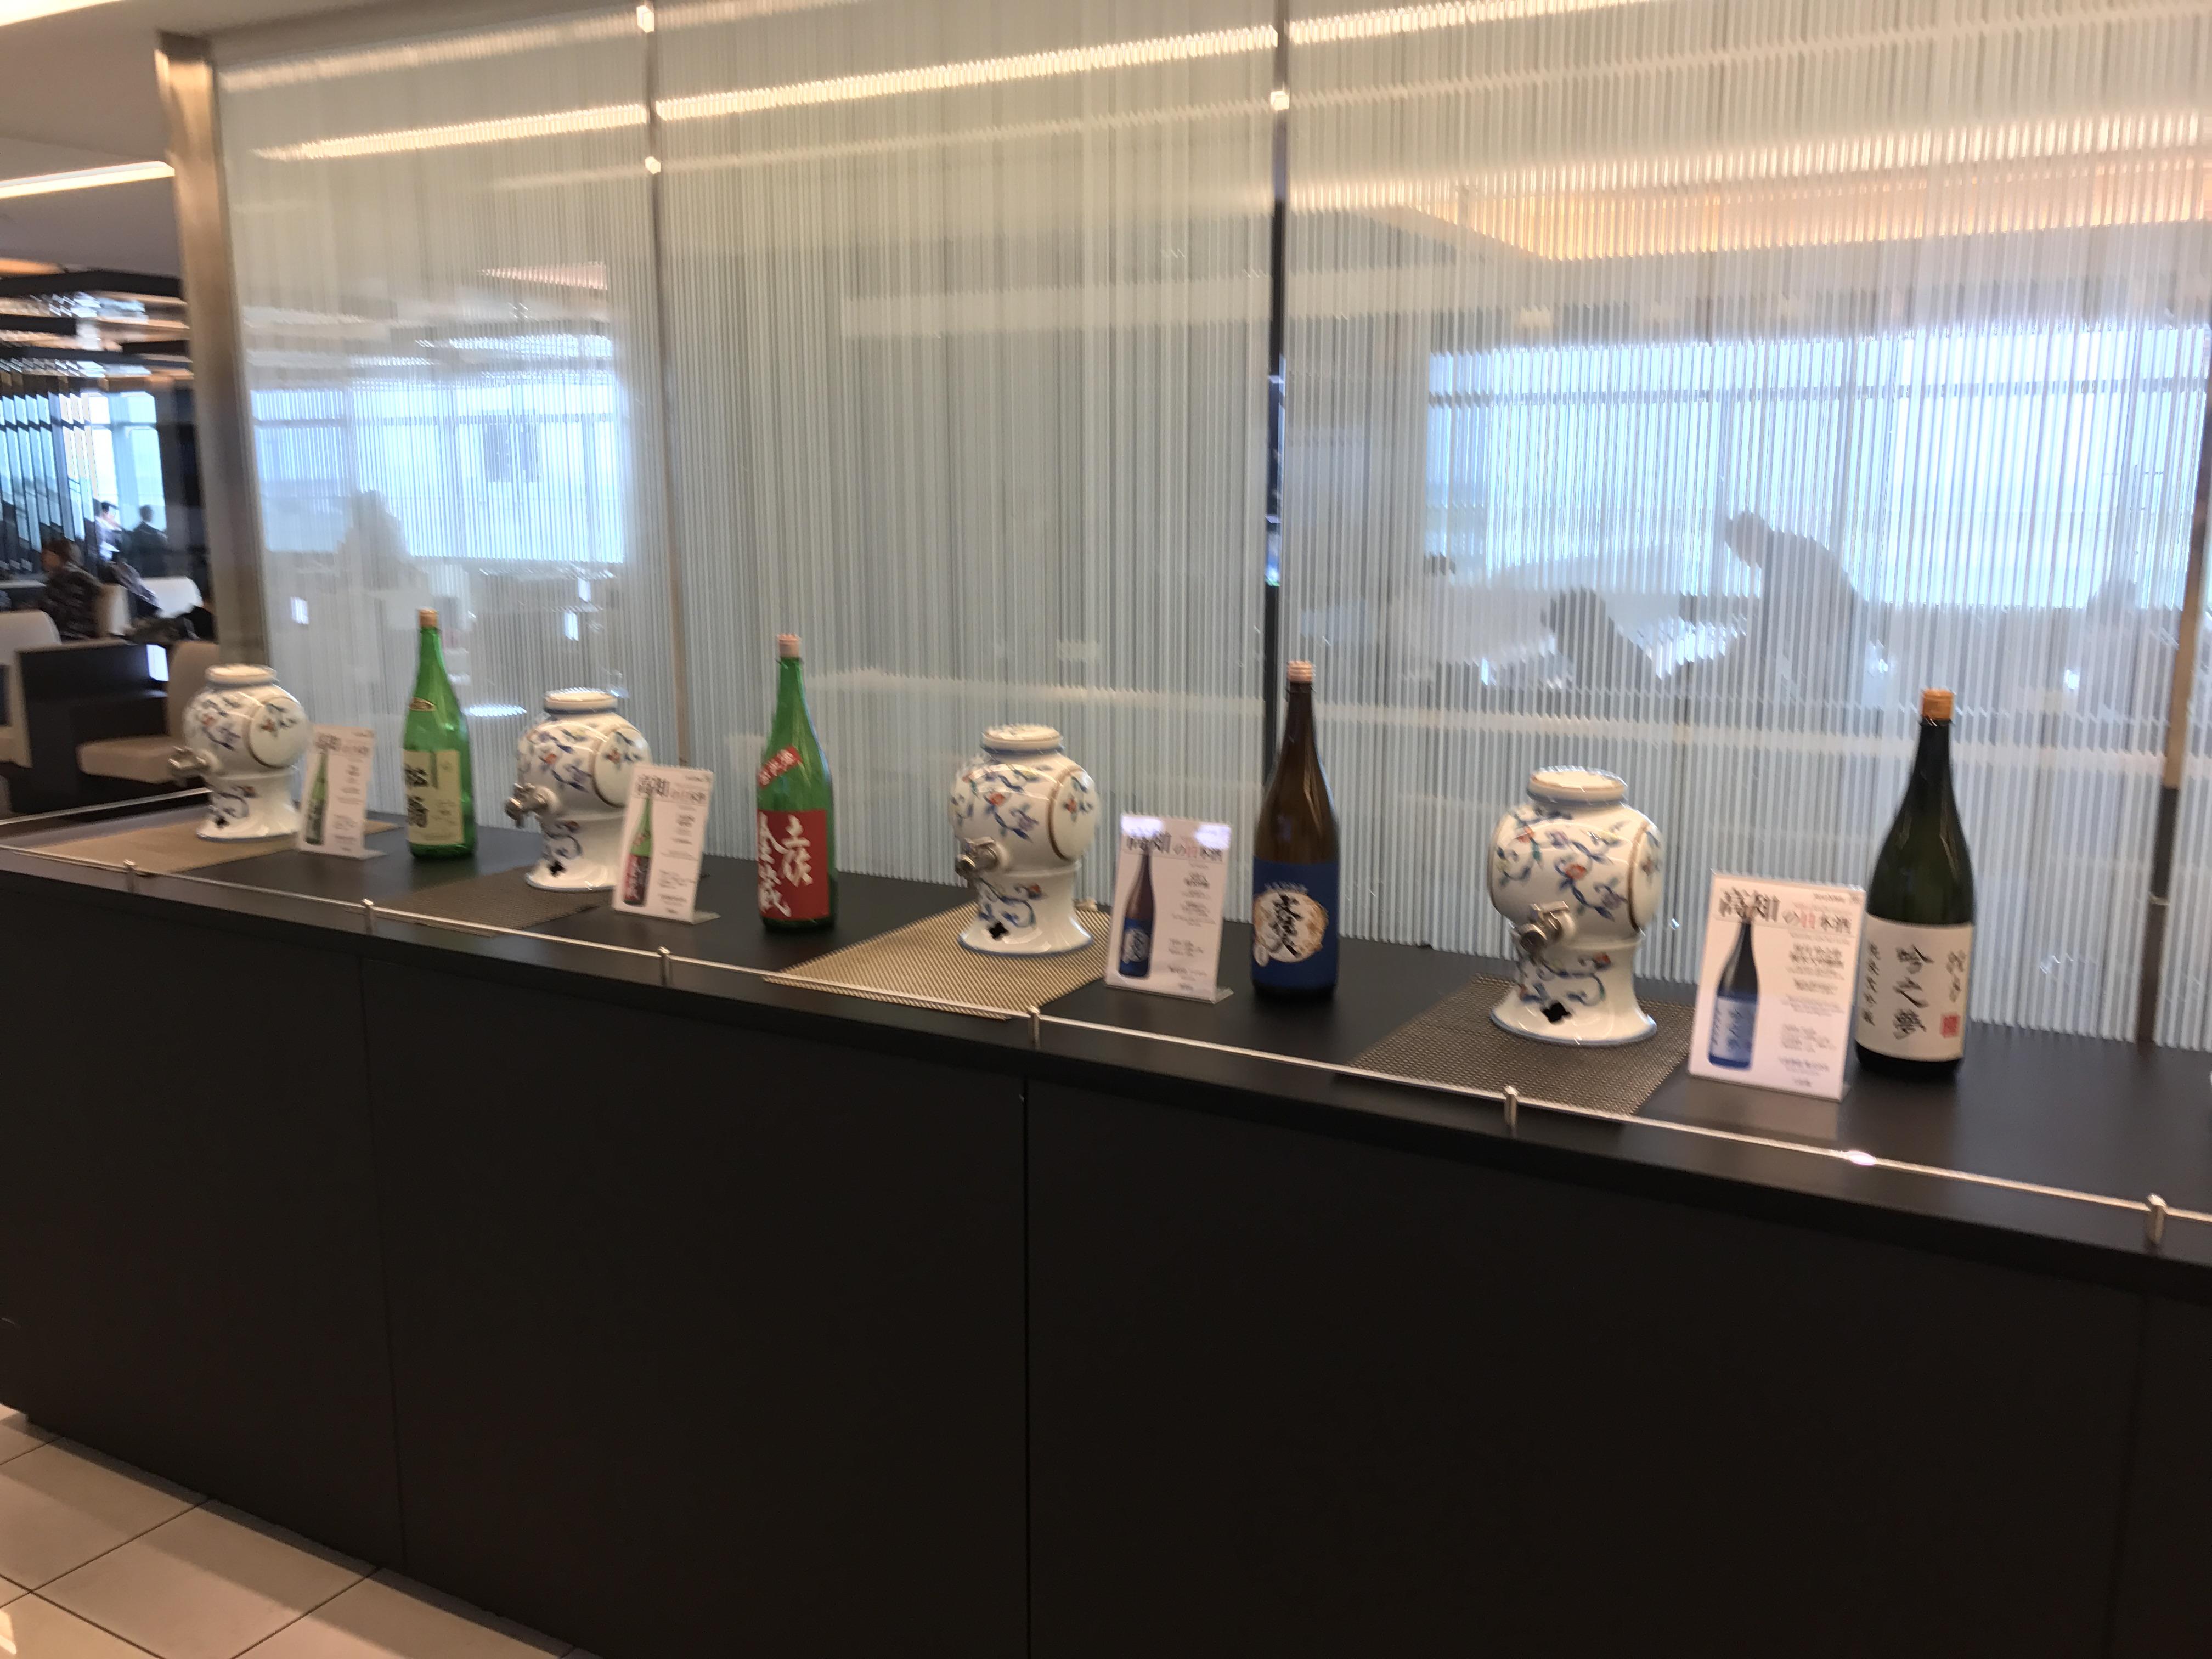 [ANA SFC修行]日本酒も飲める!羽田空港の国内線ANAラウンジ(本館南)をご紹介!